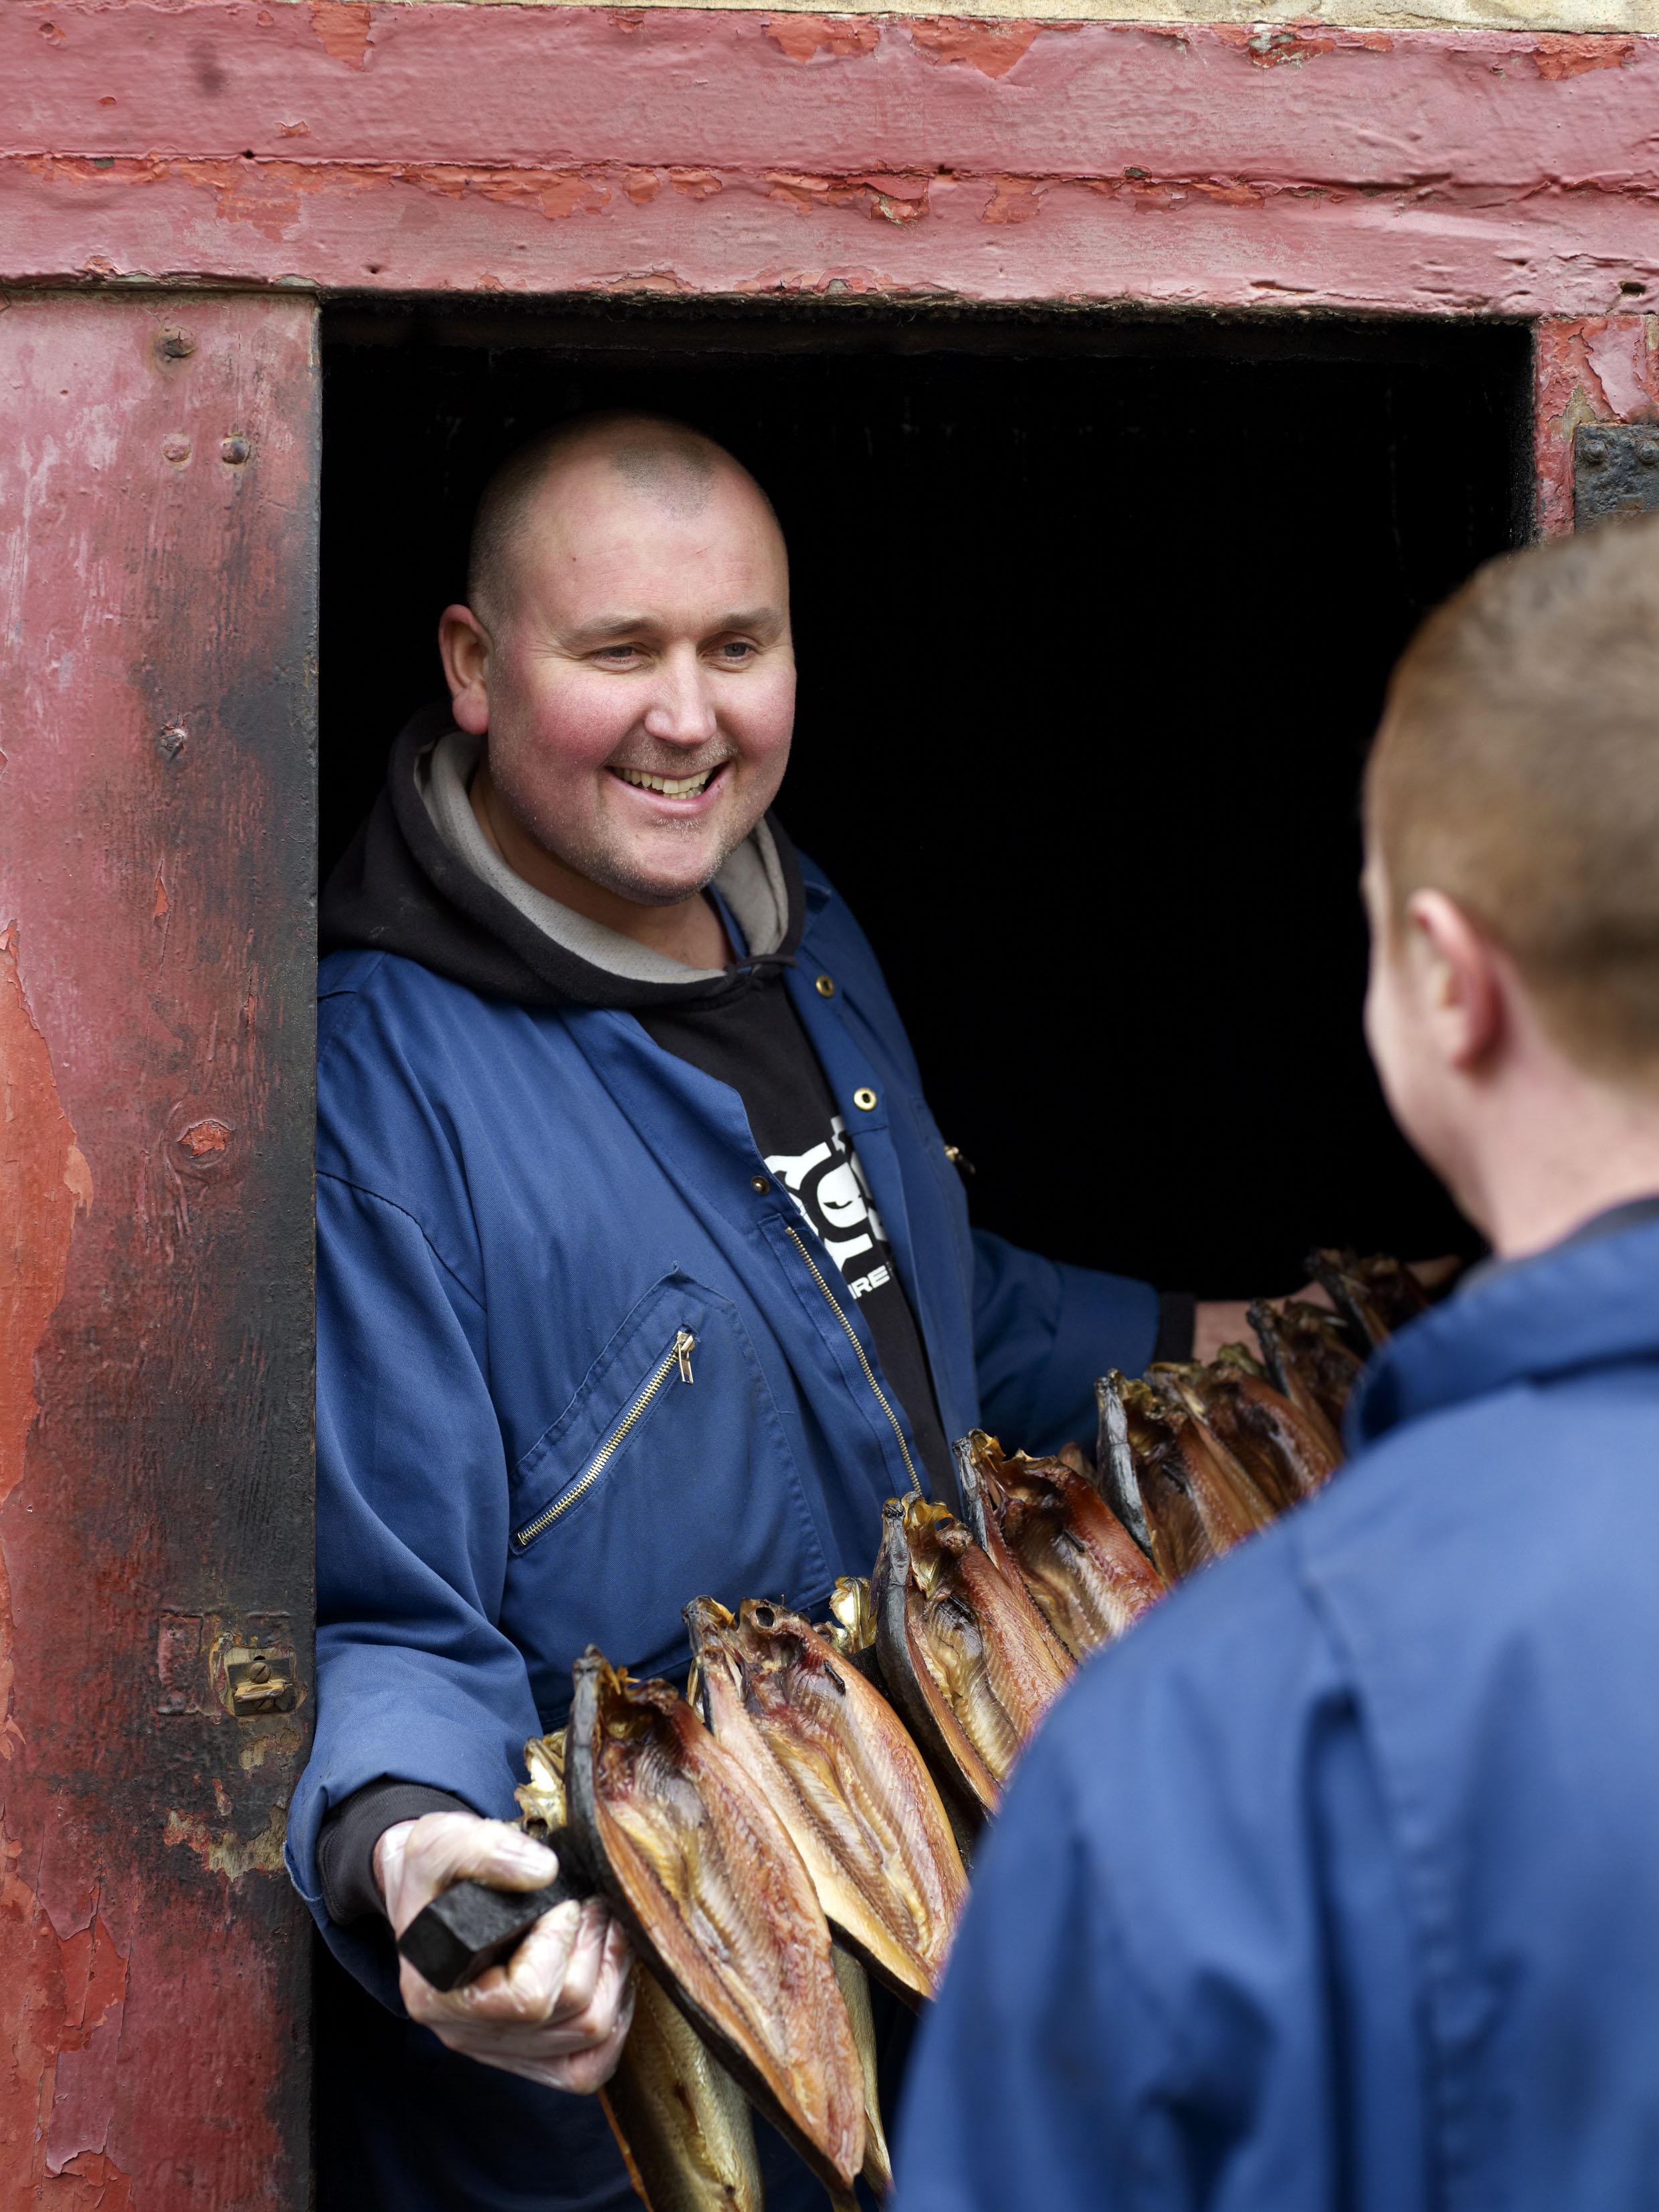 Image courtesy of Northumberland Tourism